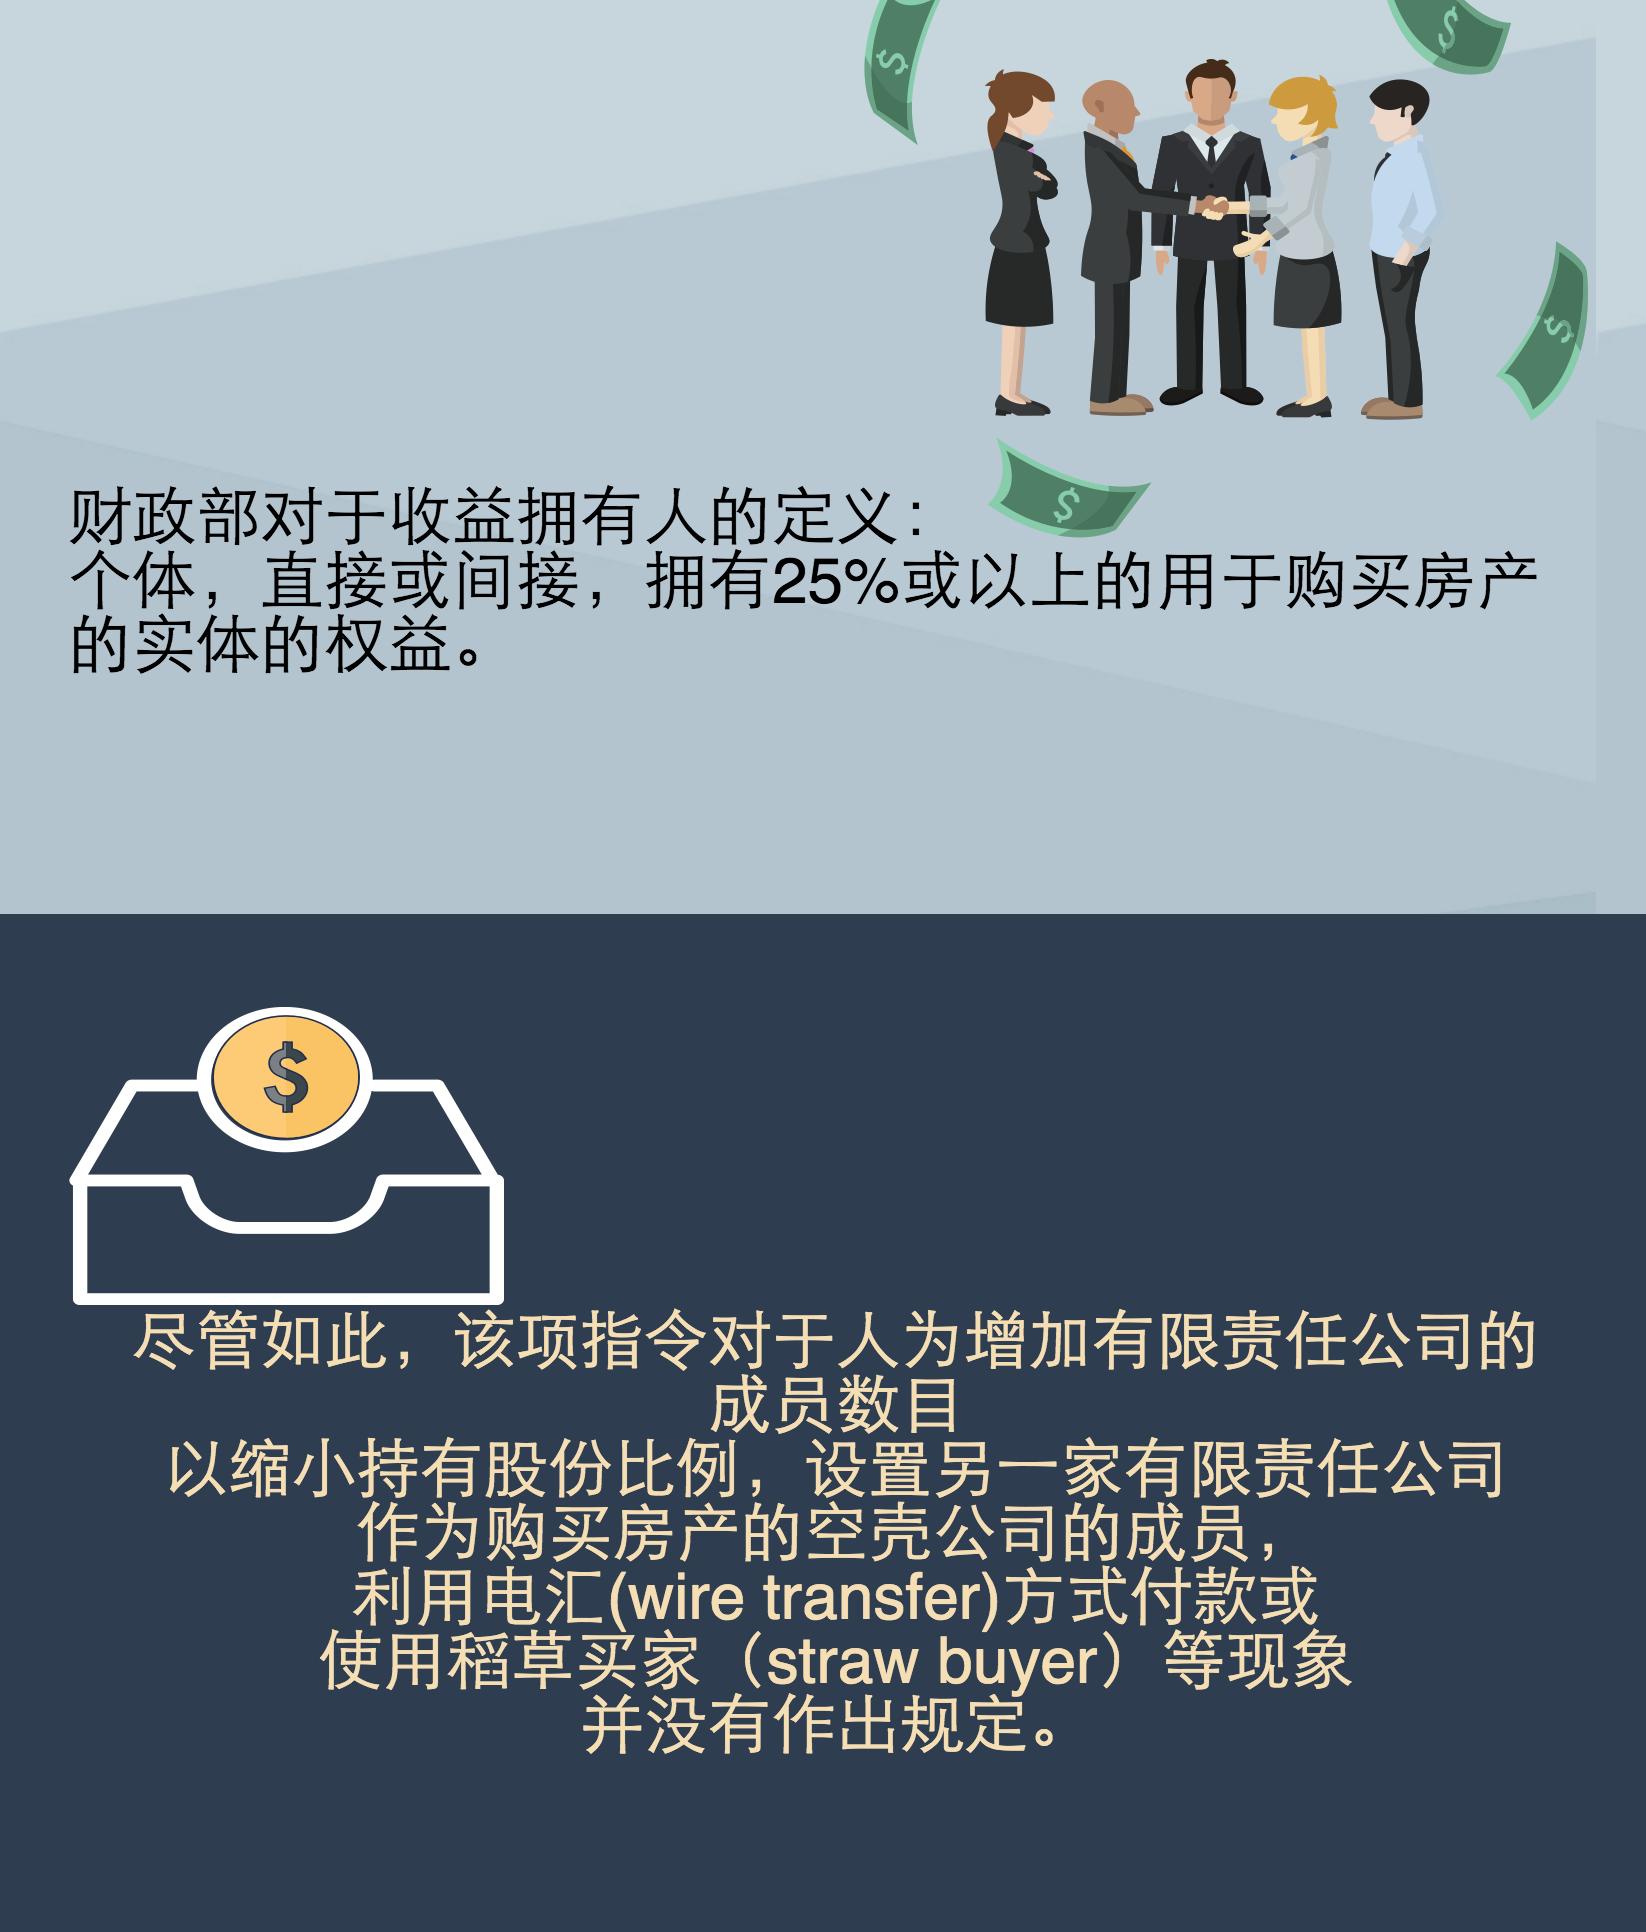 财政部对于收益拥有人的定义